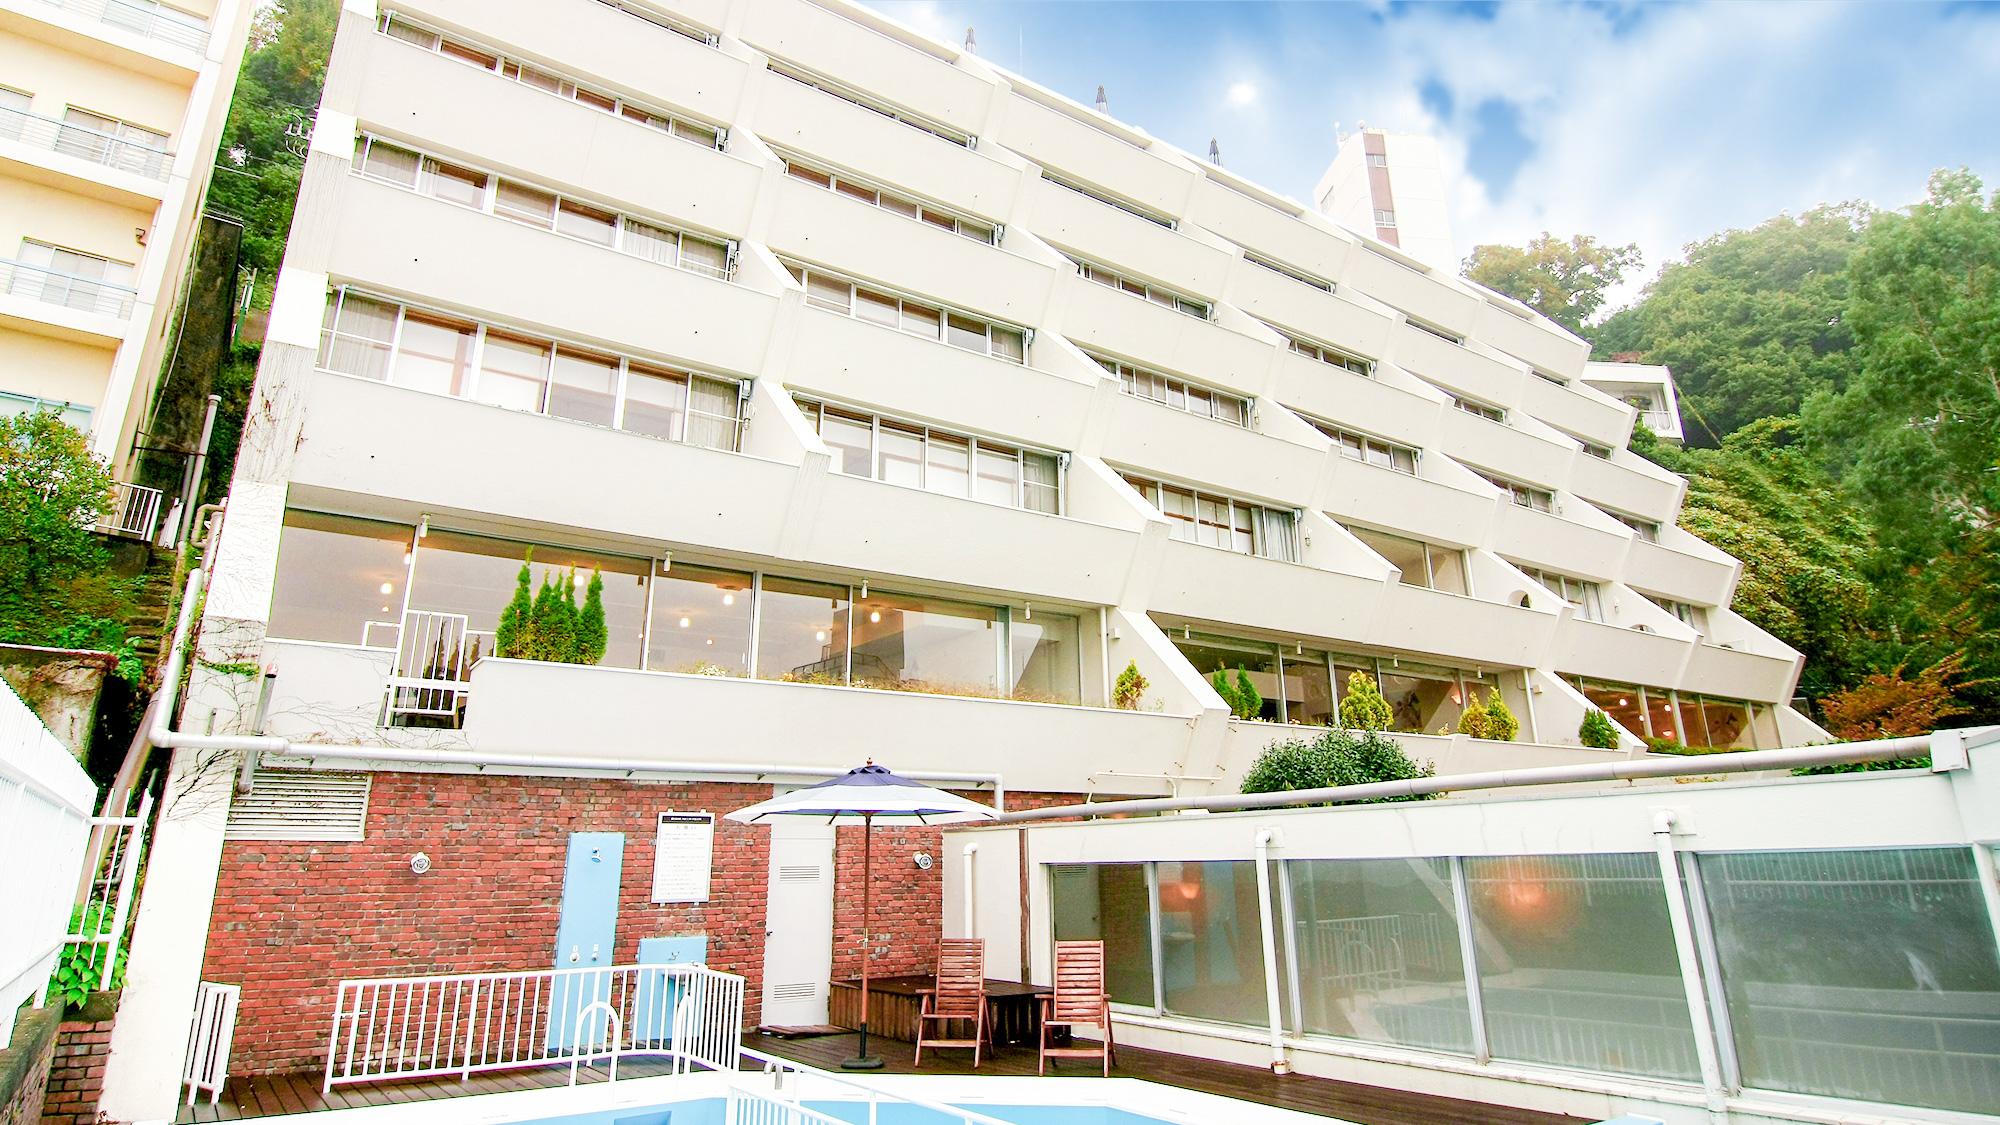 ブリーズベイシーサイドリゾート熱海(BBHホテルグループ) image